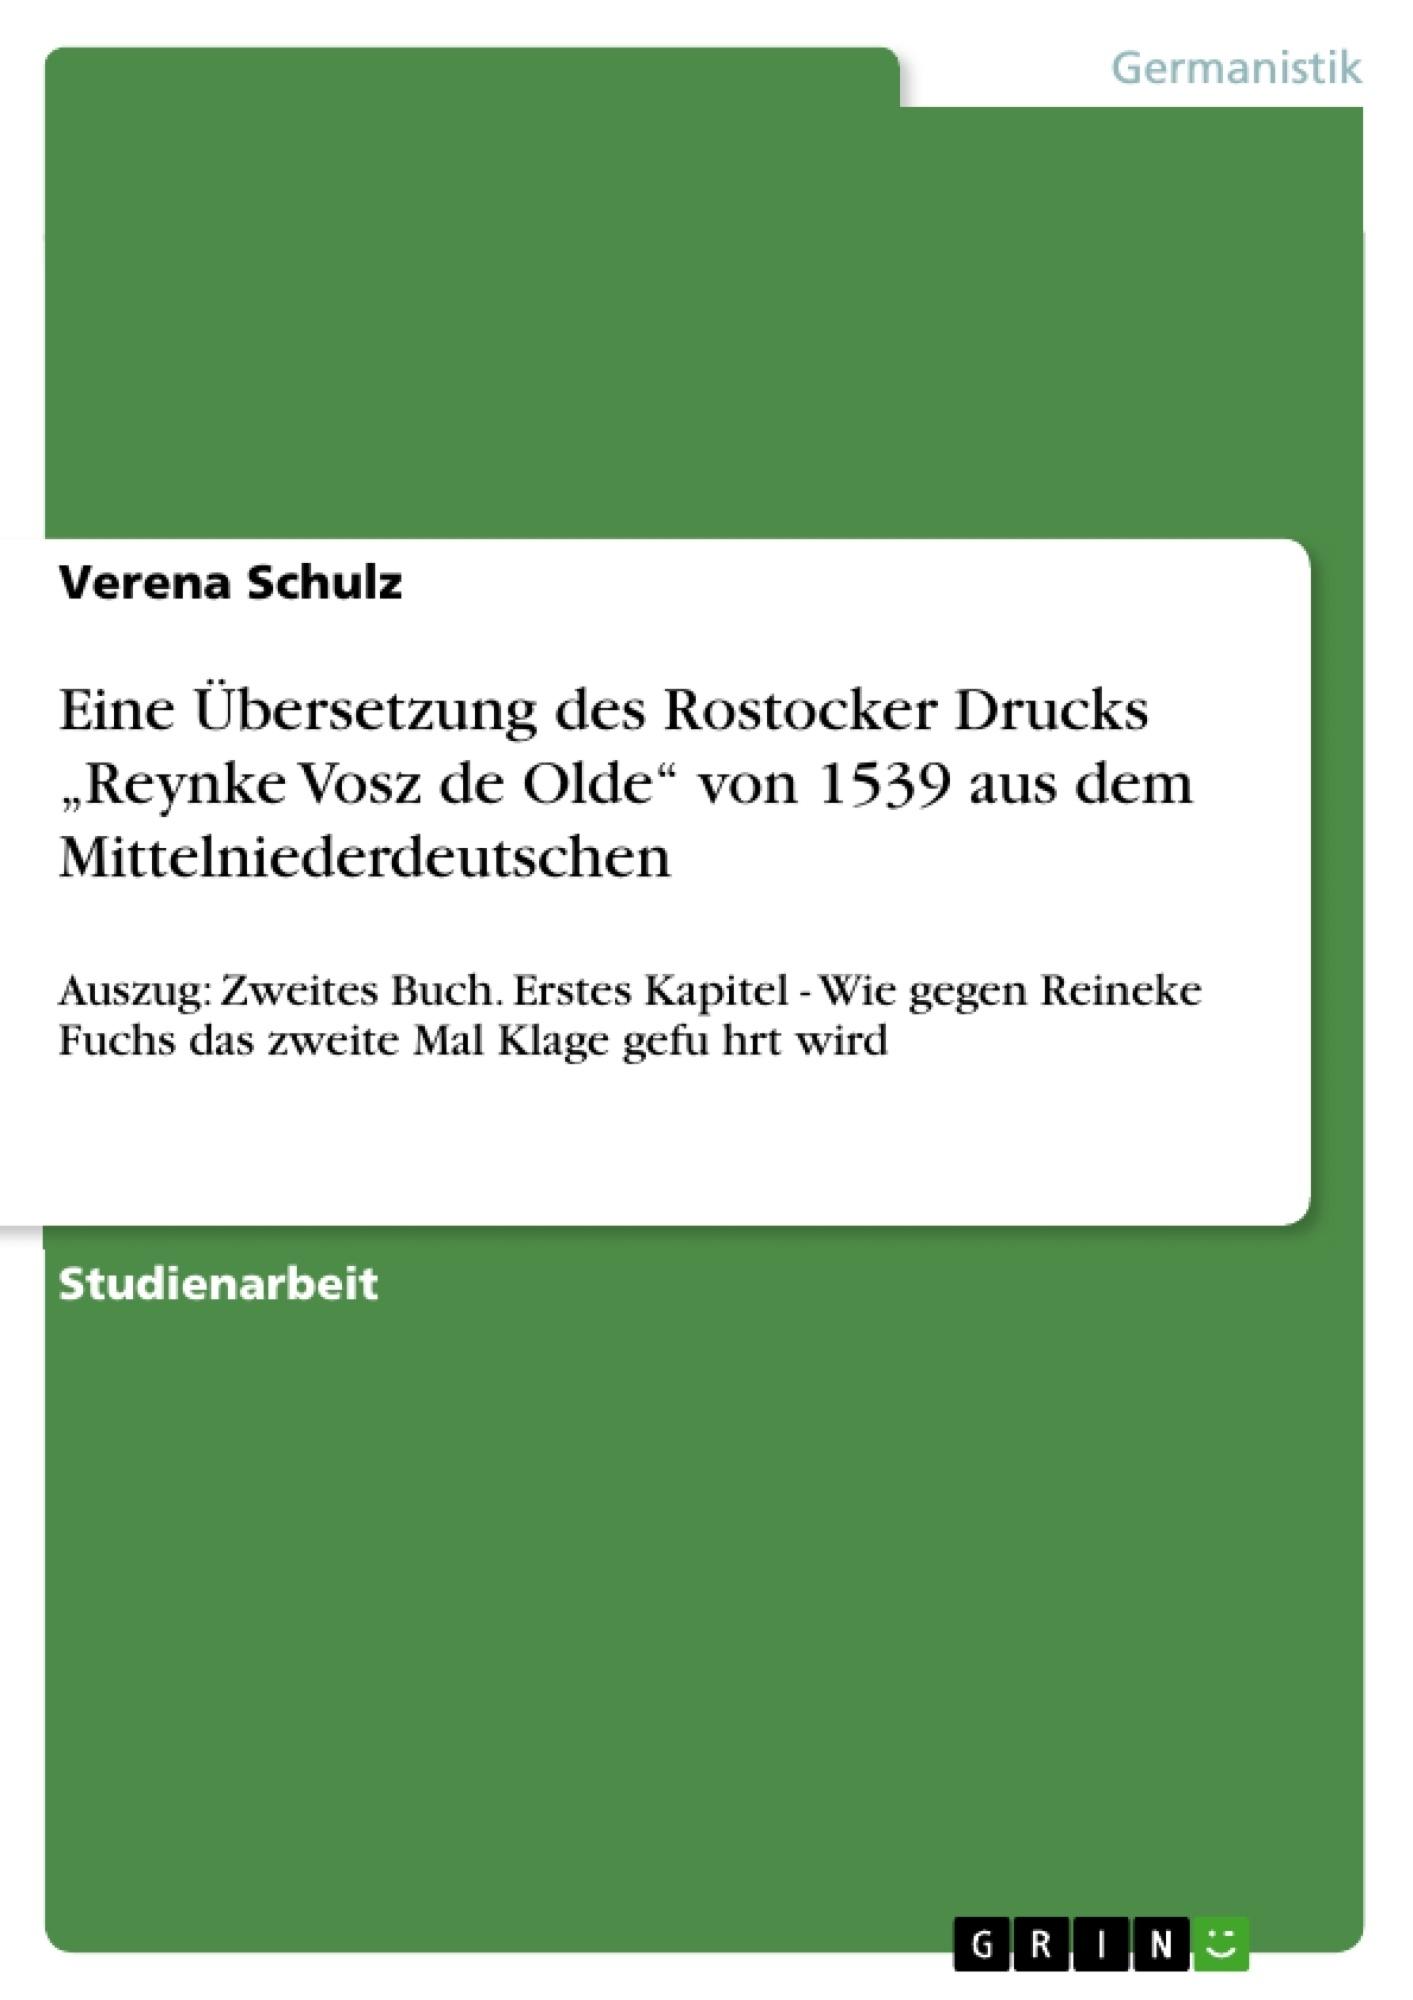 """Titel: Eine Übersetzung des Rostocker Drucks """"Reynke Vosz de Olde"""" von 1539 aus dem Mittelniederdeutschen"""